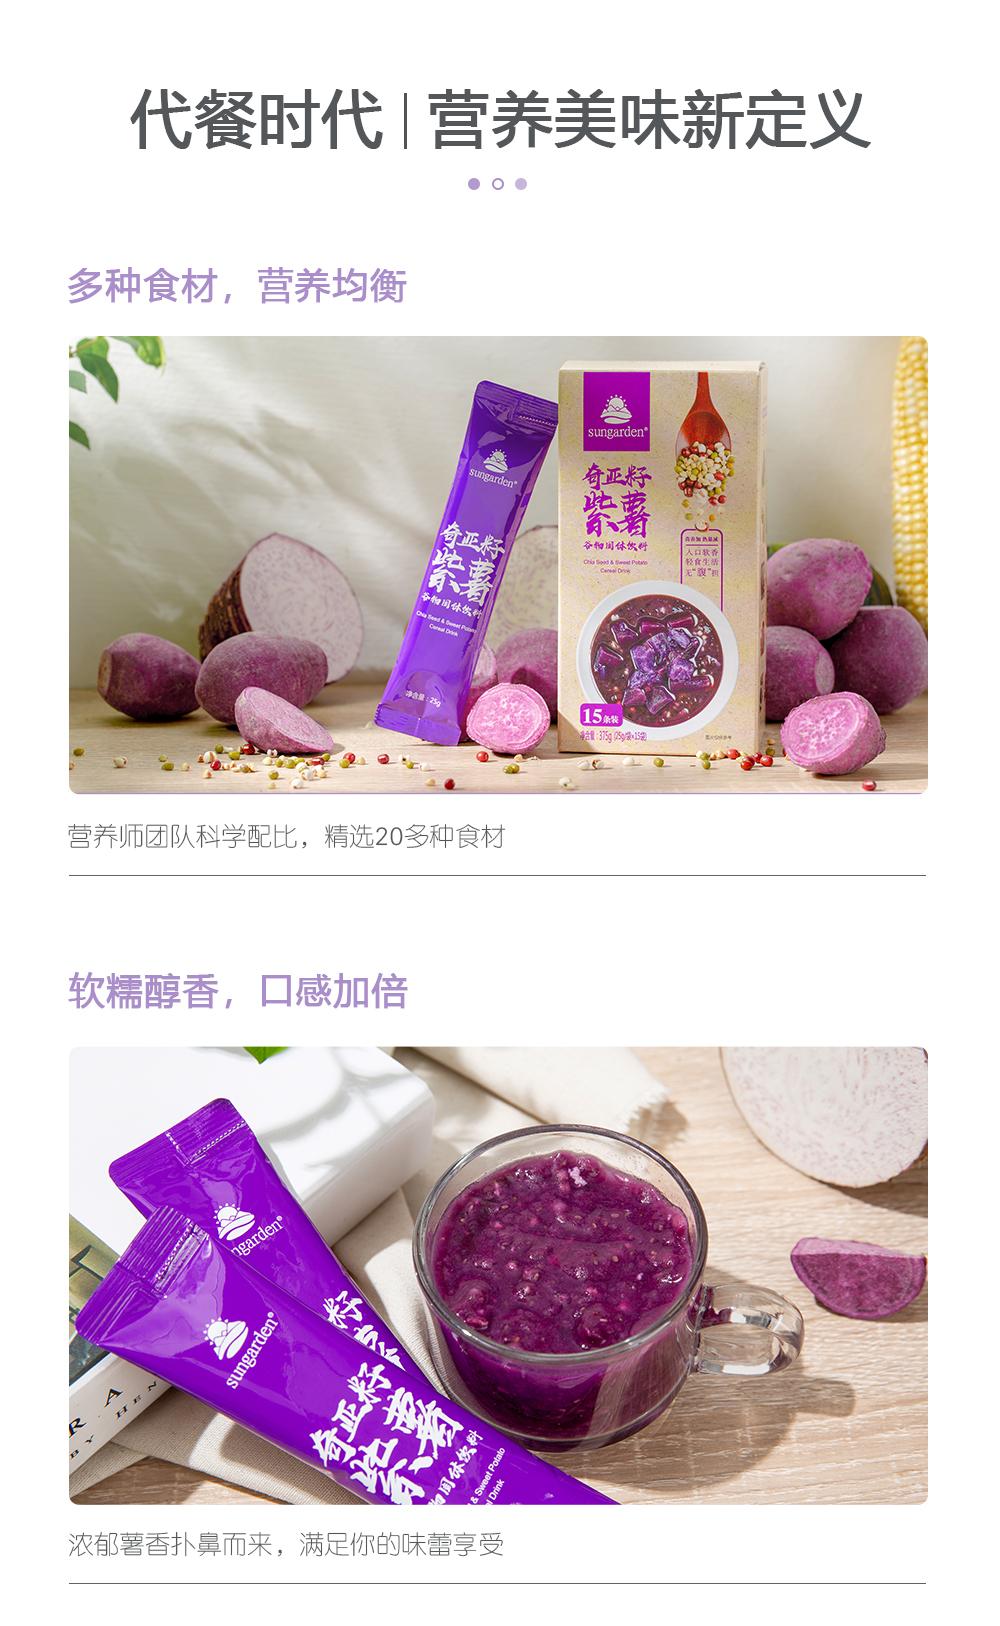 紫薯代餐官网-紫薯代餐---官网_04